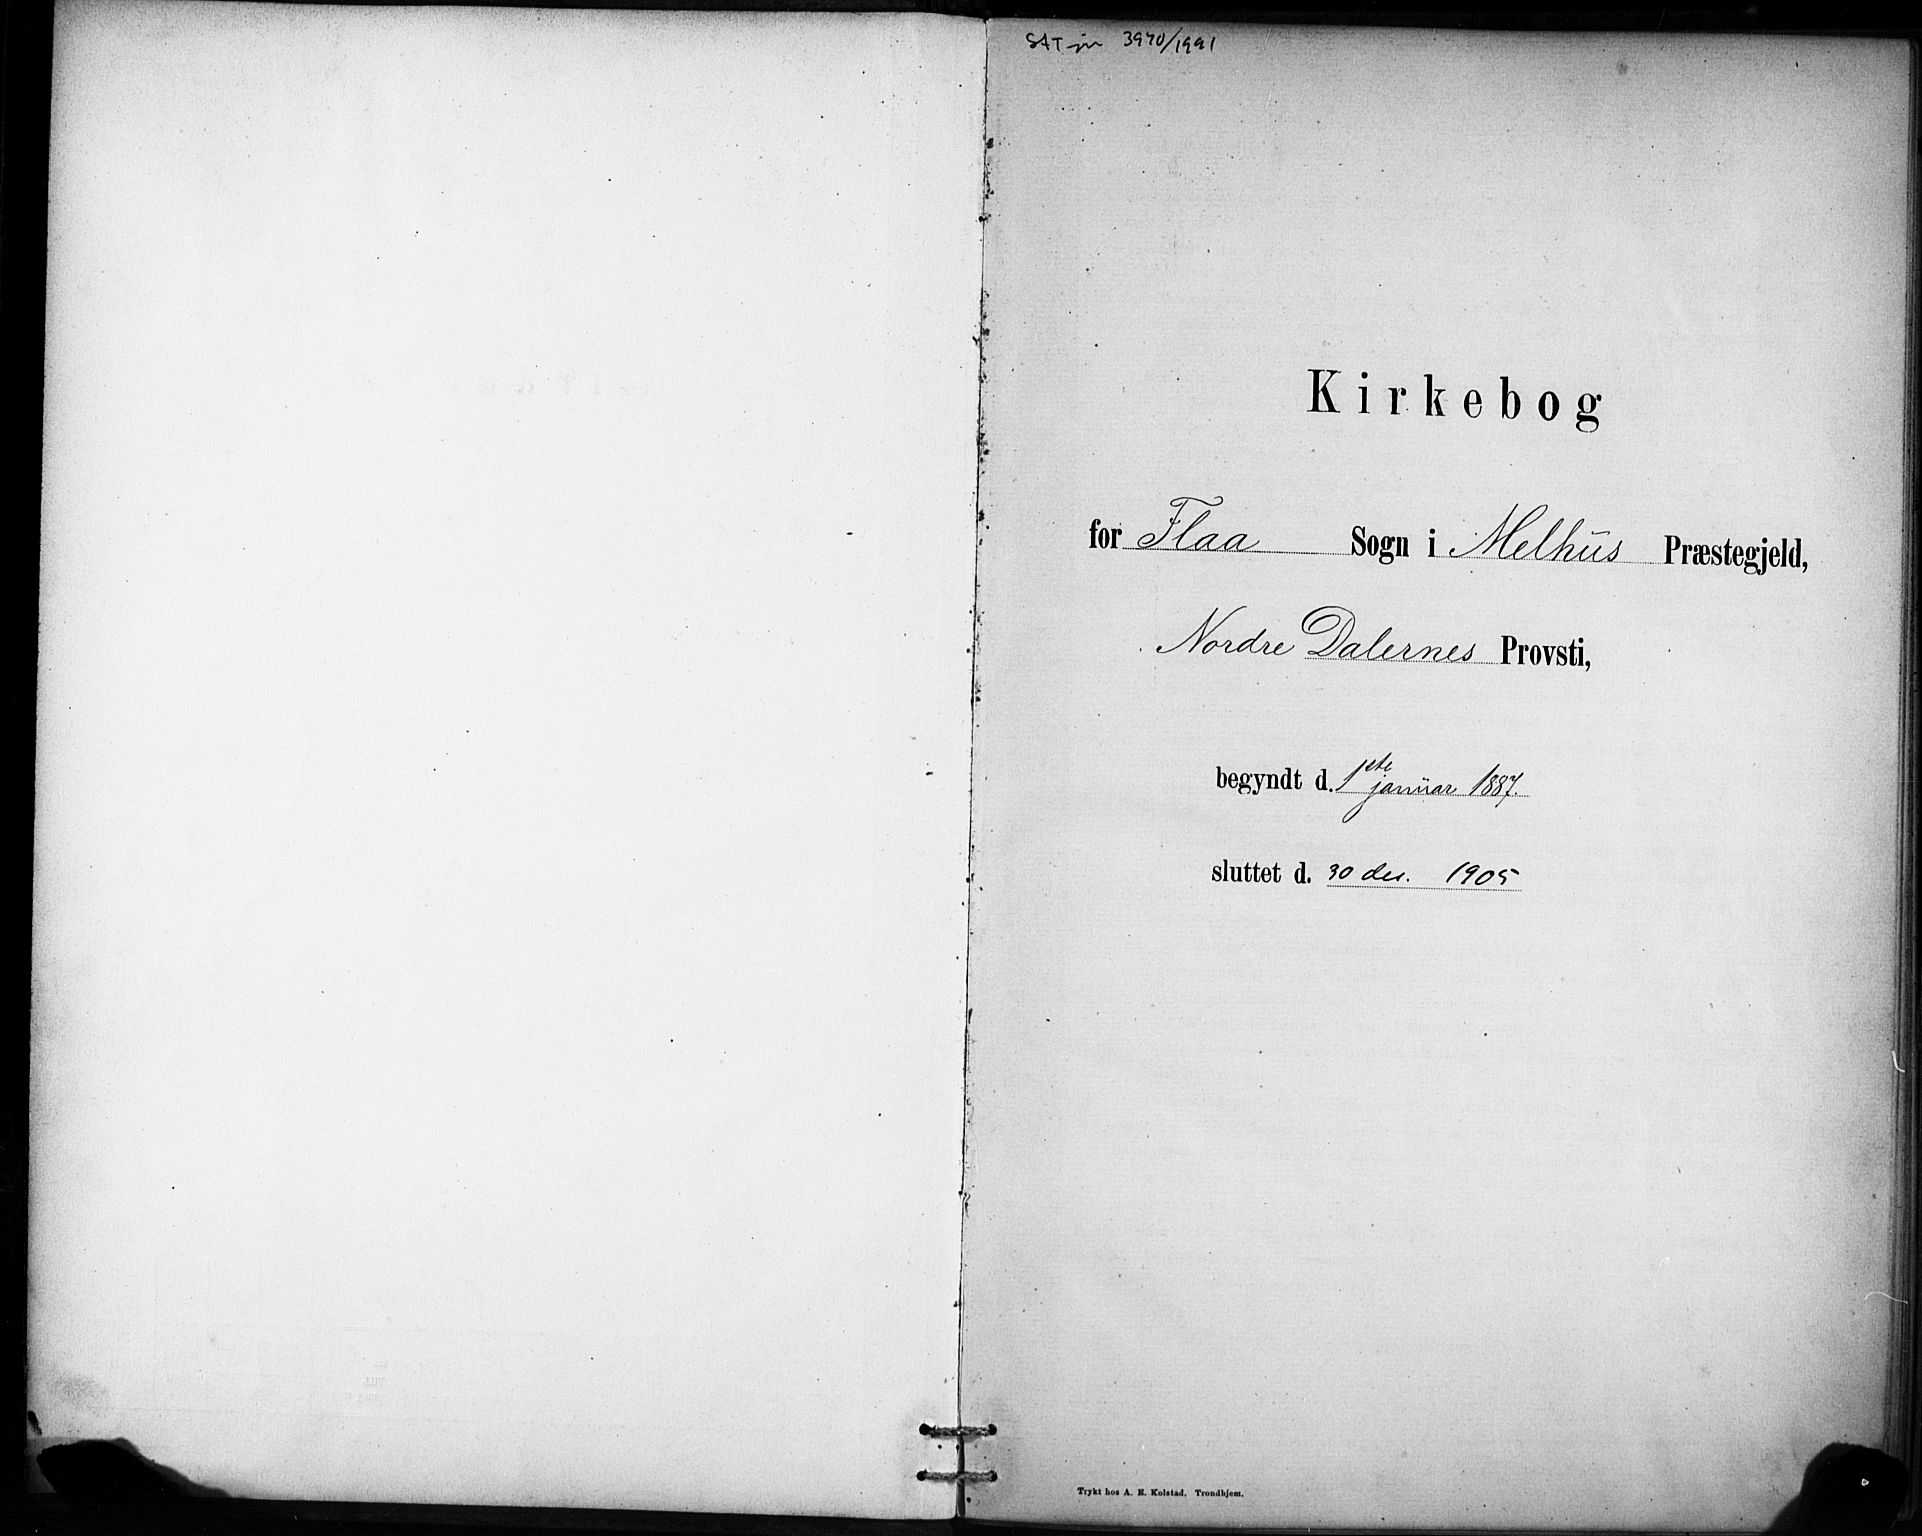 SAT, Ministerialprotokoller, klokkerbøker og fødselsregistre - Sør-Trøndelag, 693/L1119: Ministerialbok nr. 693A01, 1887-1905